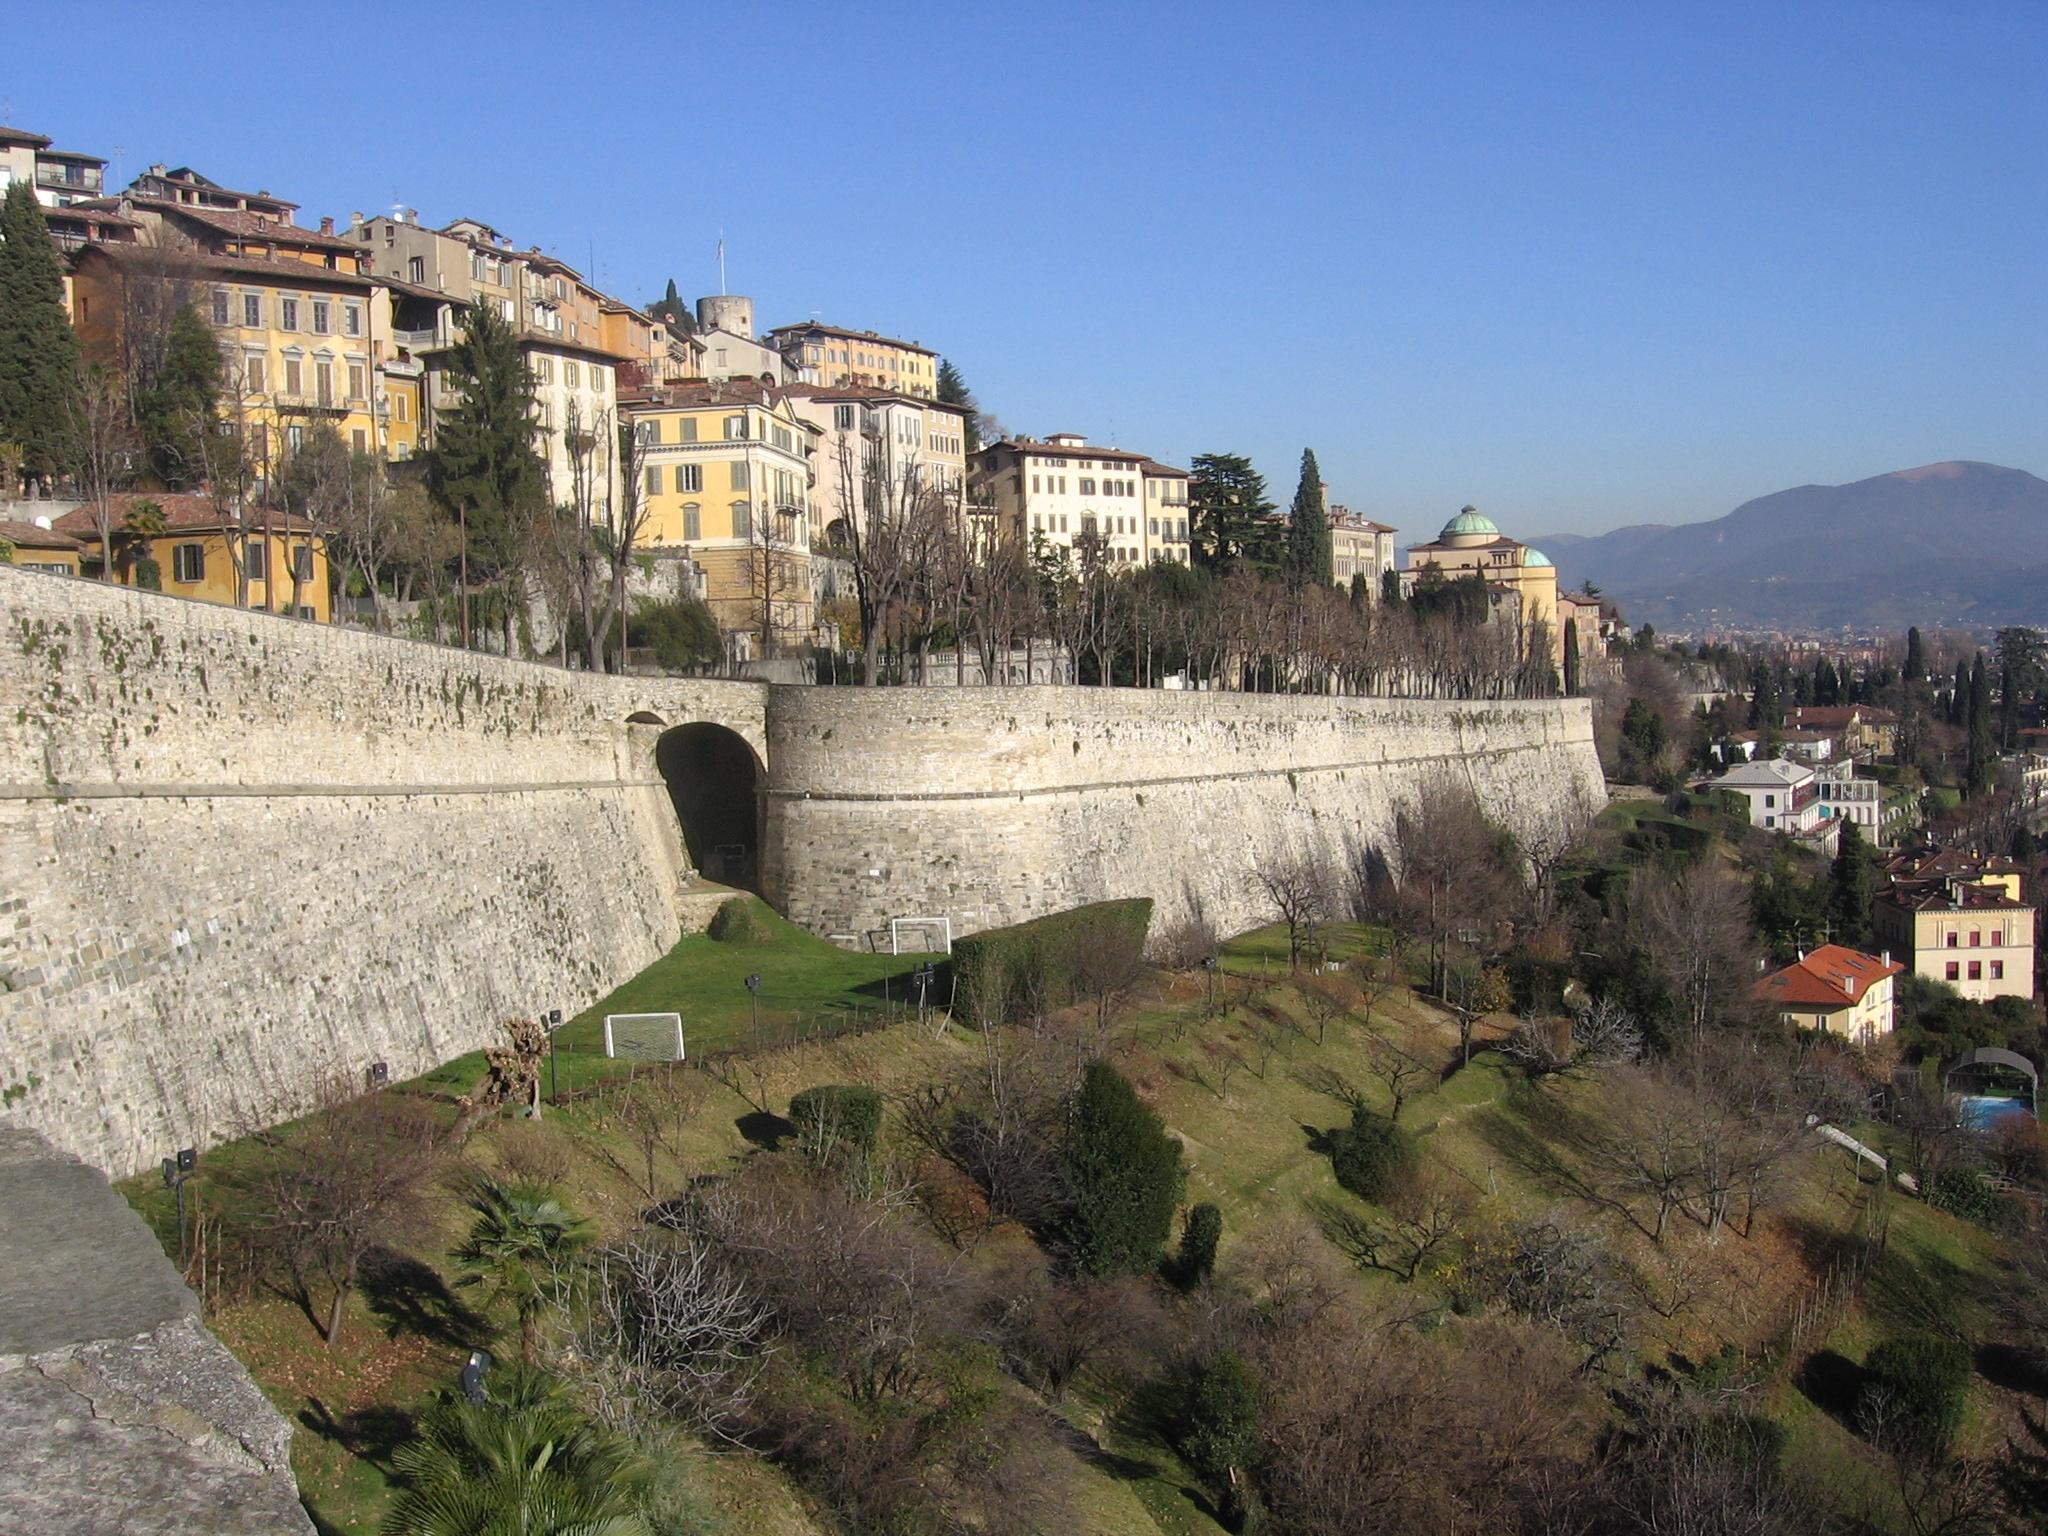 16世紀から17世紀のヴェネツィア...